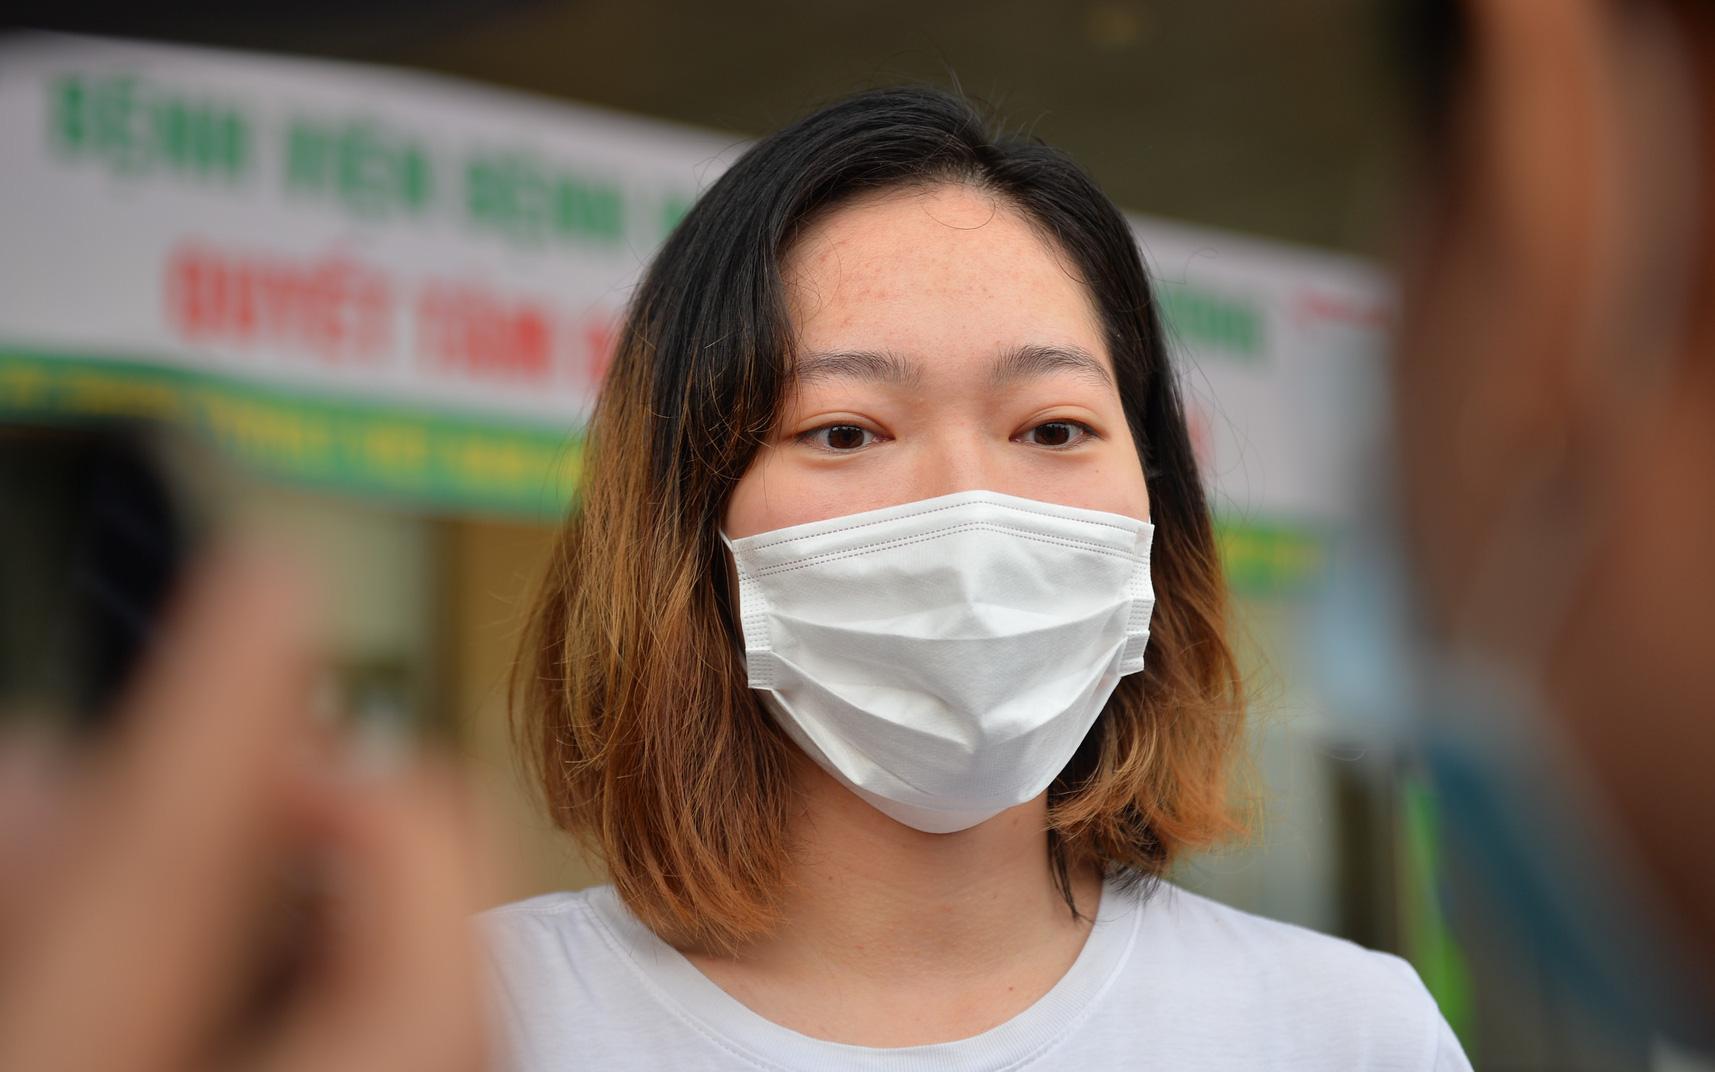 Nữ du học sinh nhiễm Covid-19 được công bố khỏi bệnh sau 18-20 lần xét nghiệm dương tính, âm tính phức tạp